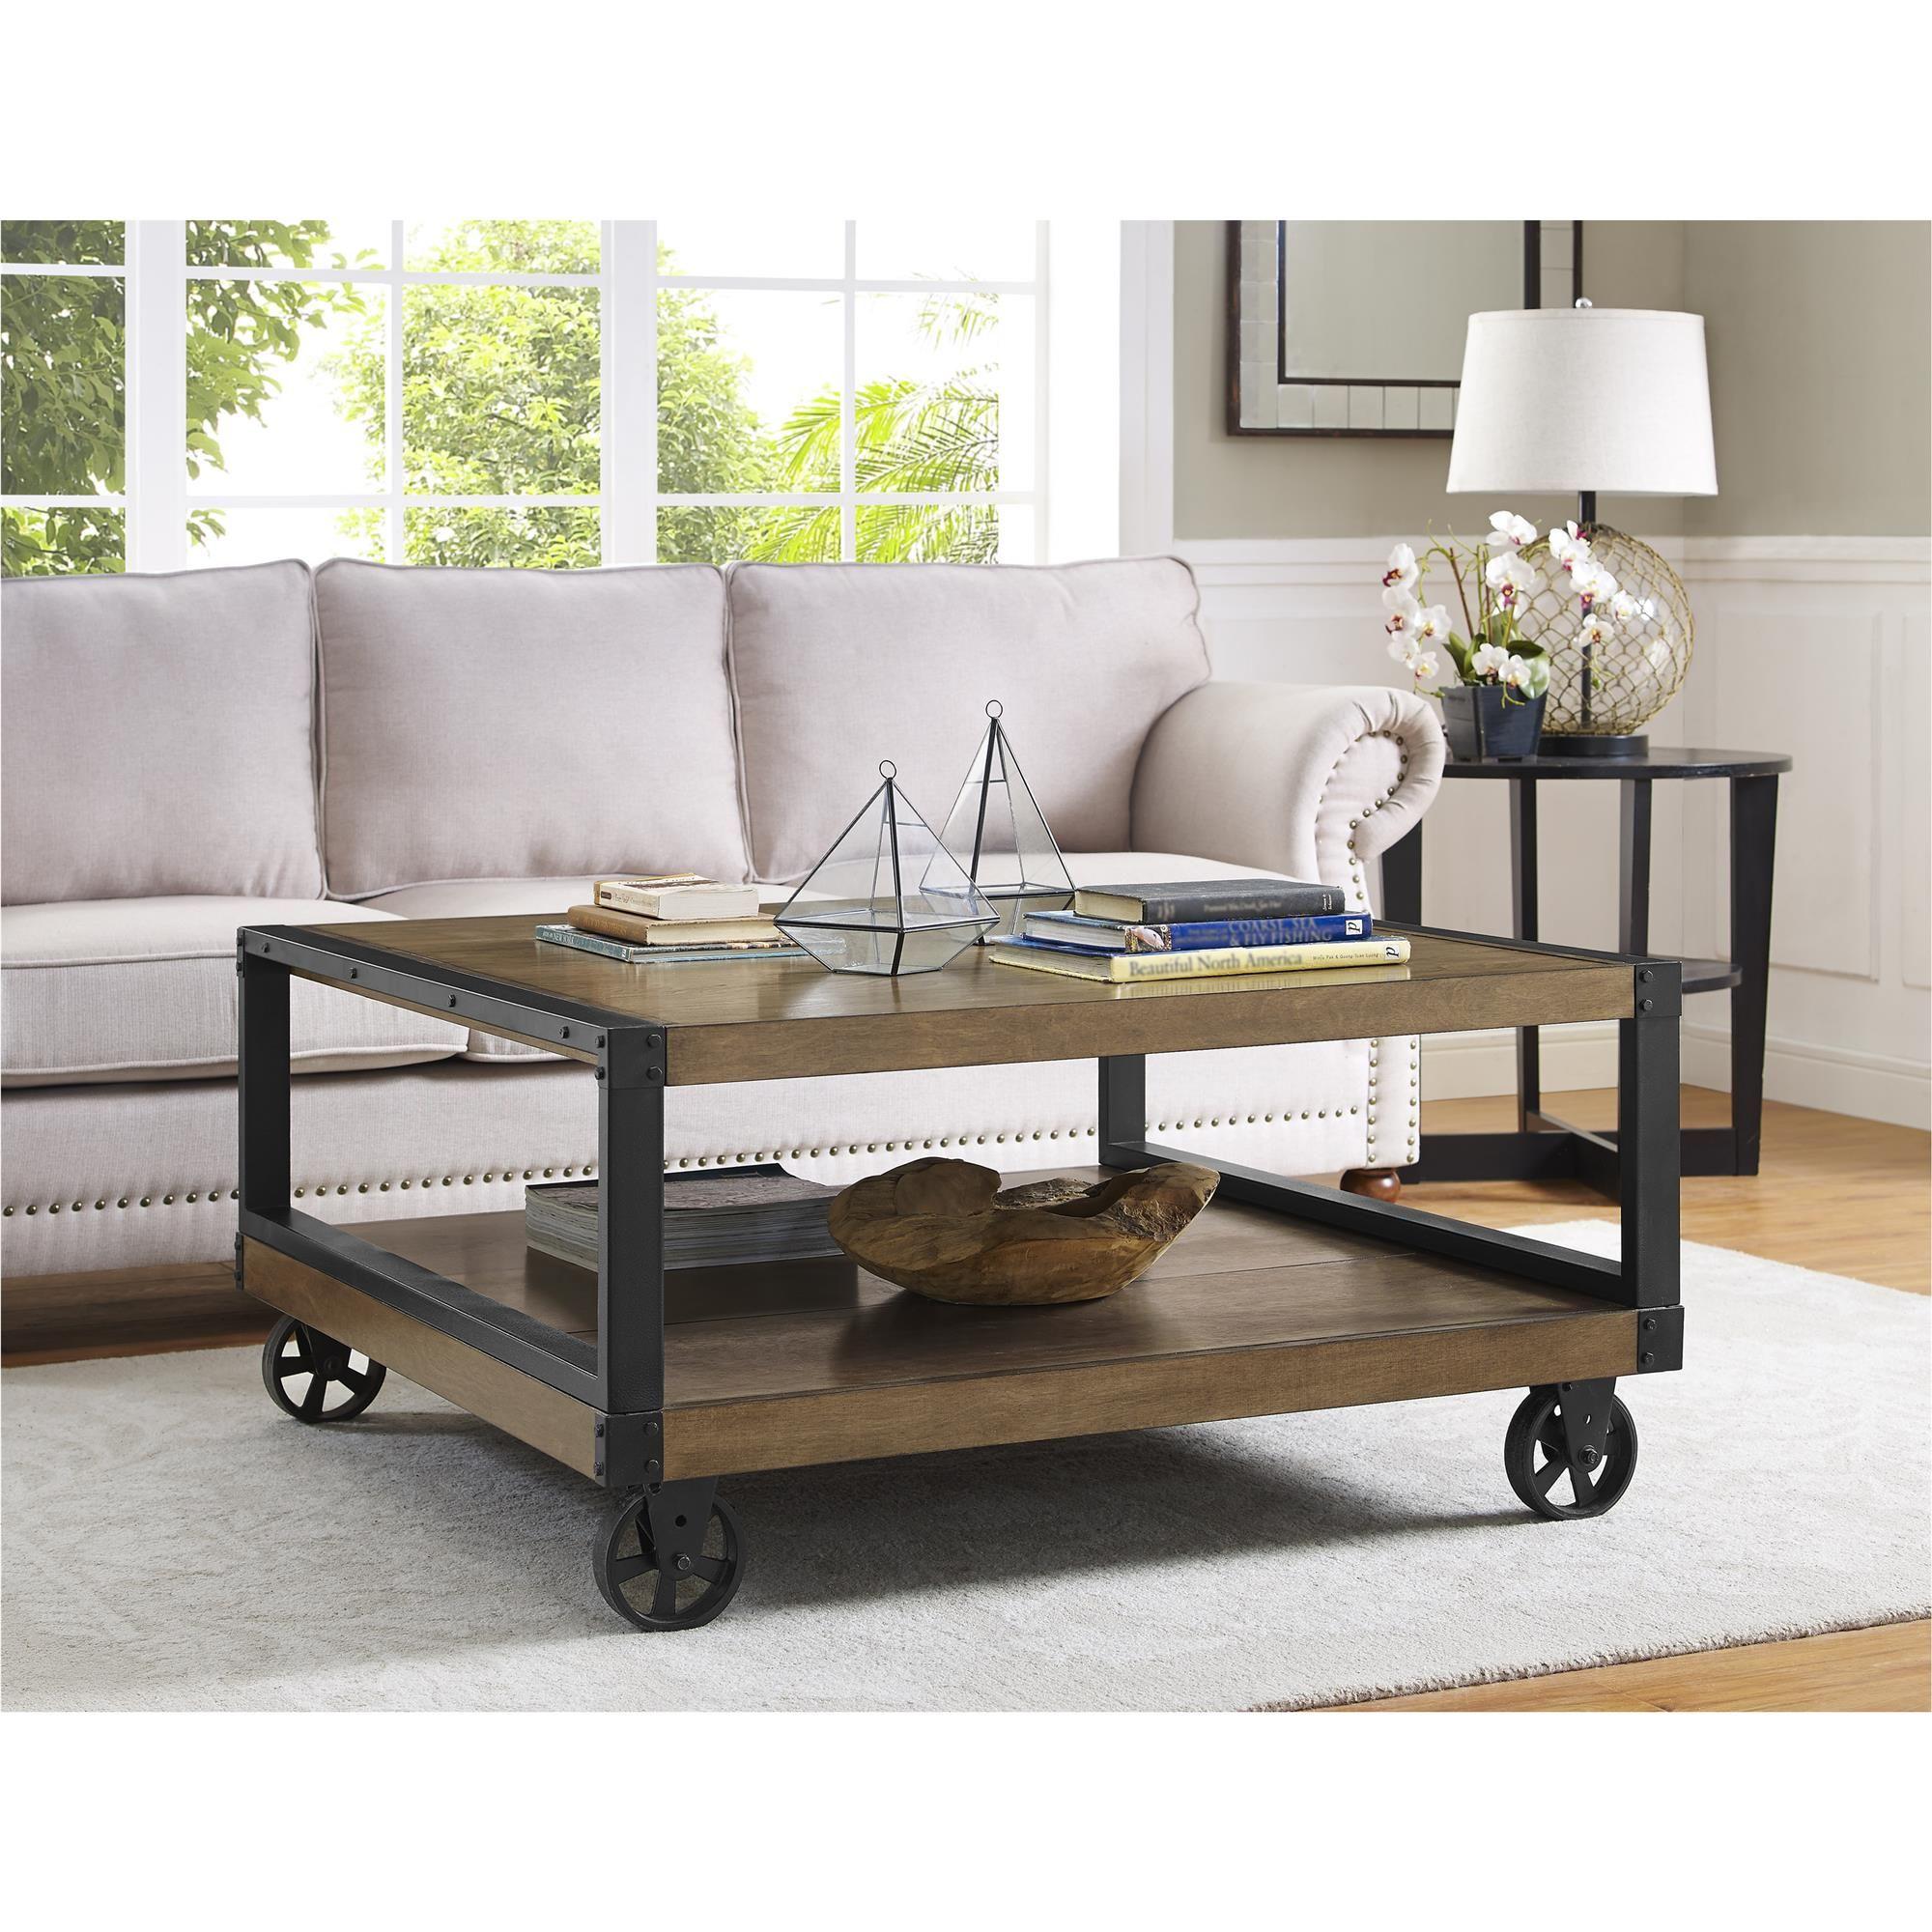 Dorel Home Furnishings Wade Rustic Gray Wood Veneer Coffee Table